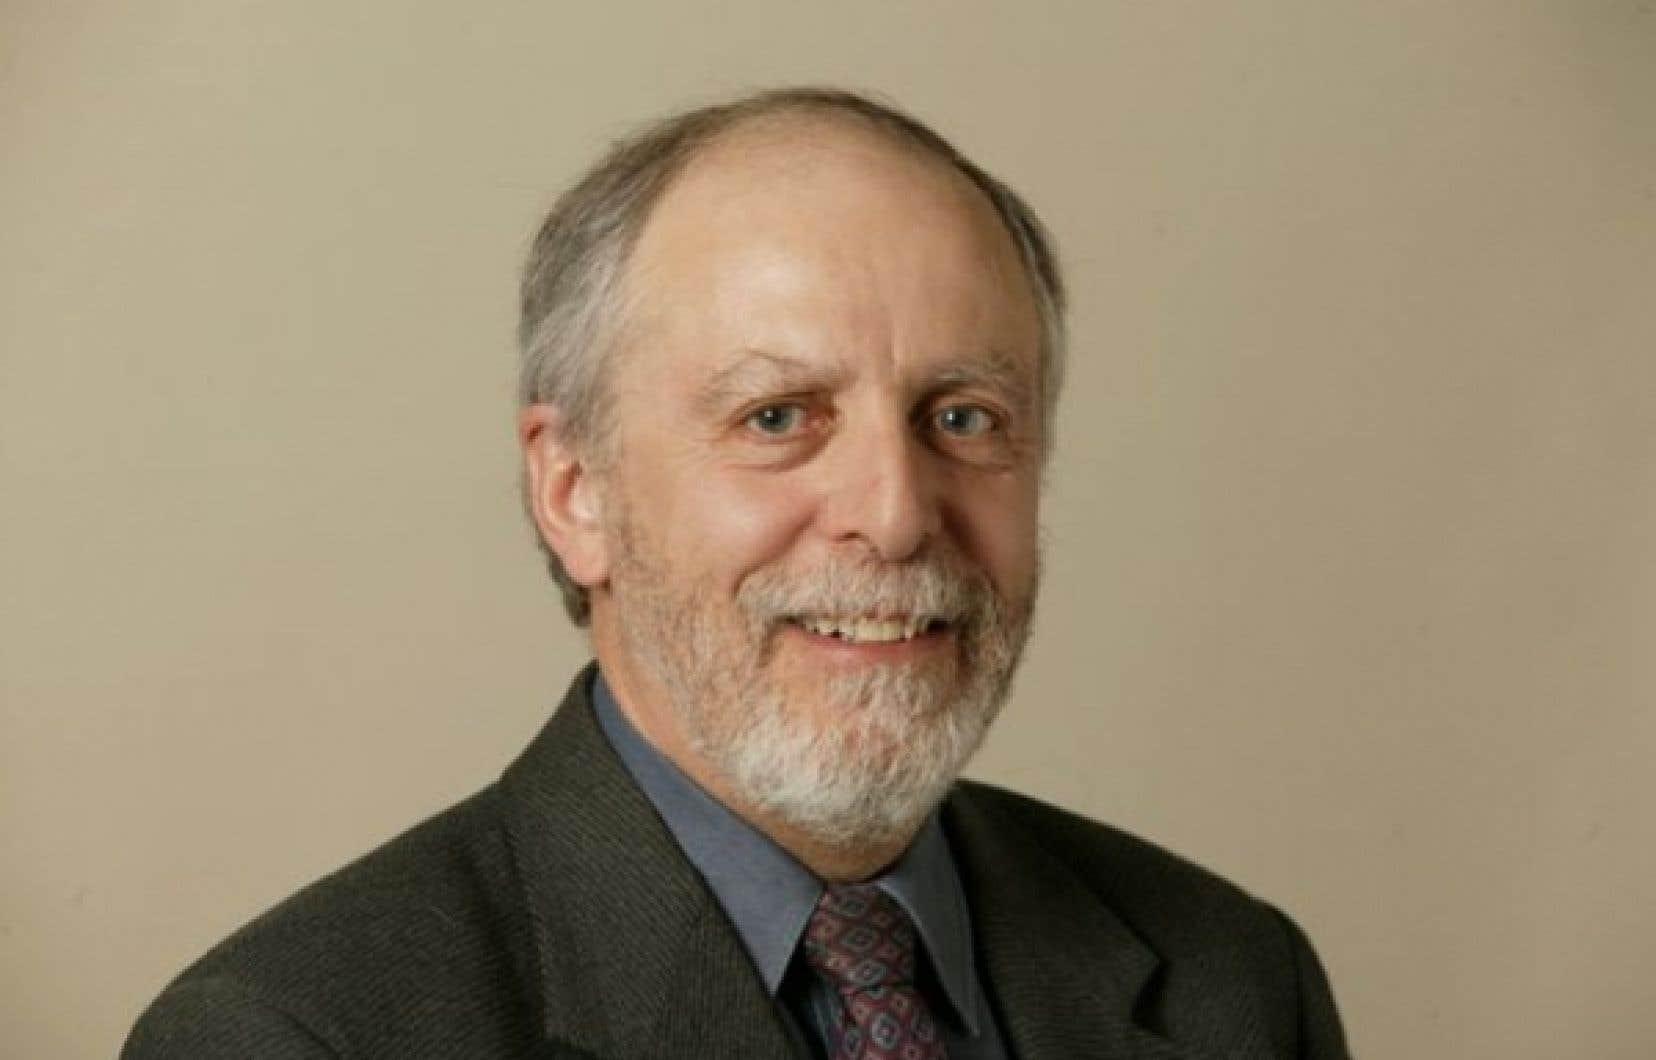 Louis-Gilles Francoeur œuvre comme journaliste environnemental au Devoir depuis 1973.